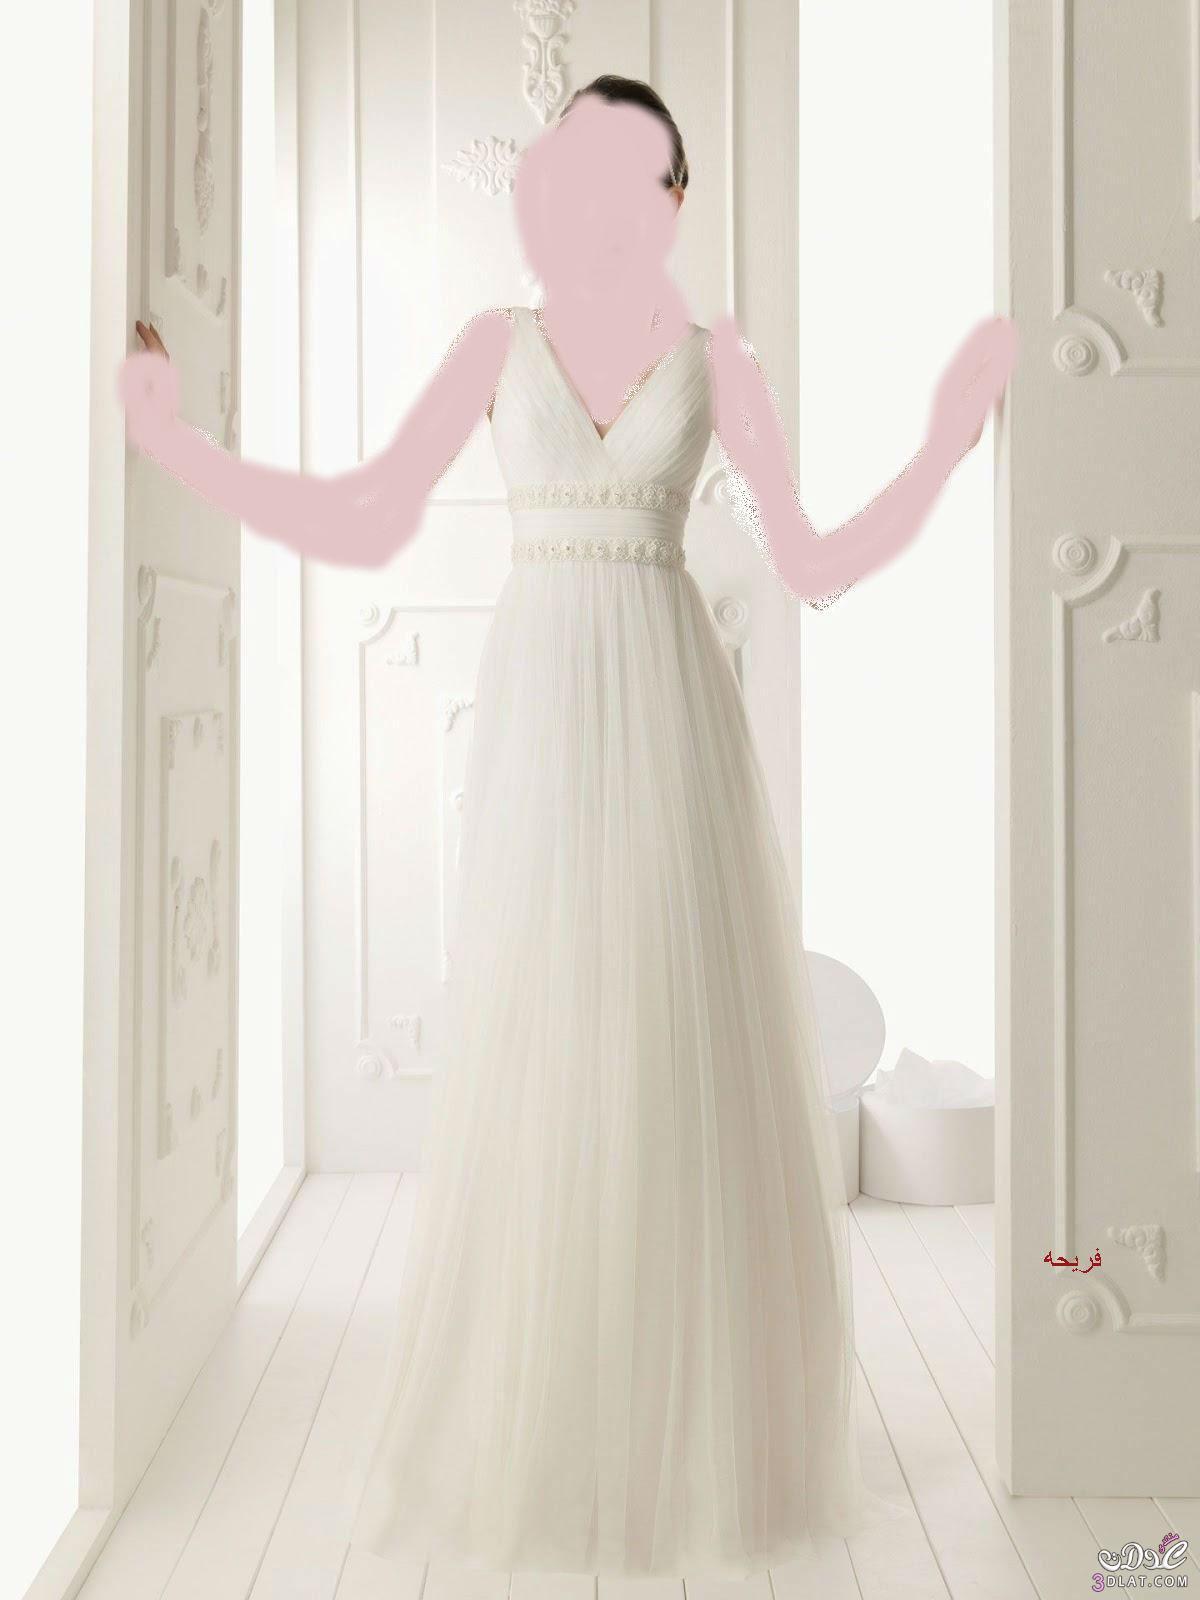 فساتين زفاف أنيقة وجميله ,فستان فرح مميز ورائع